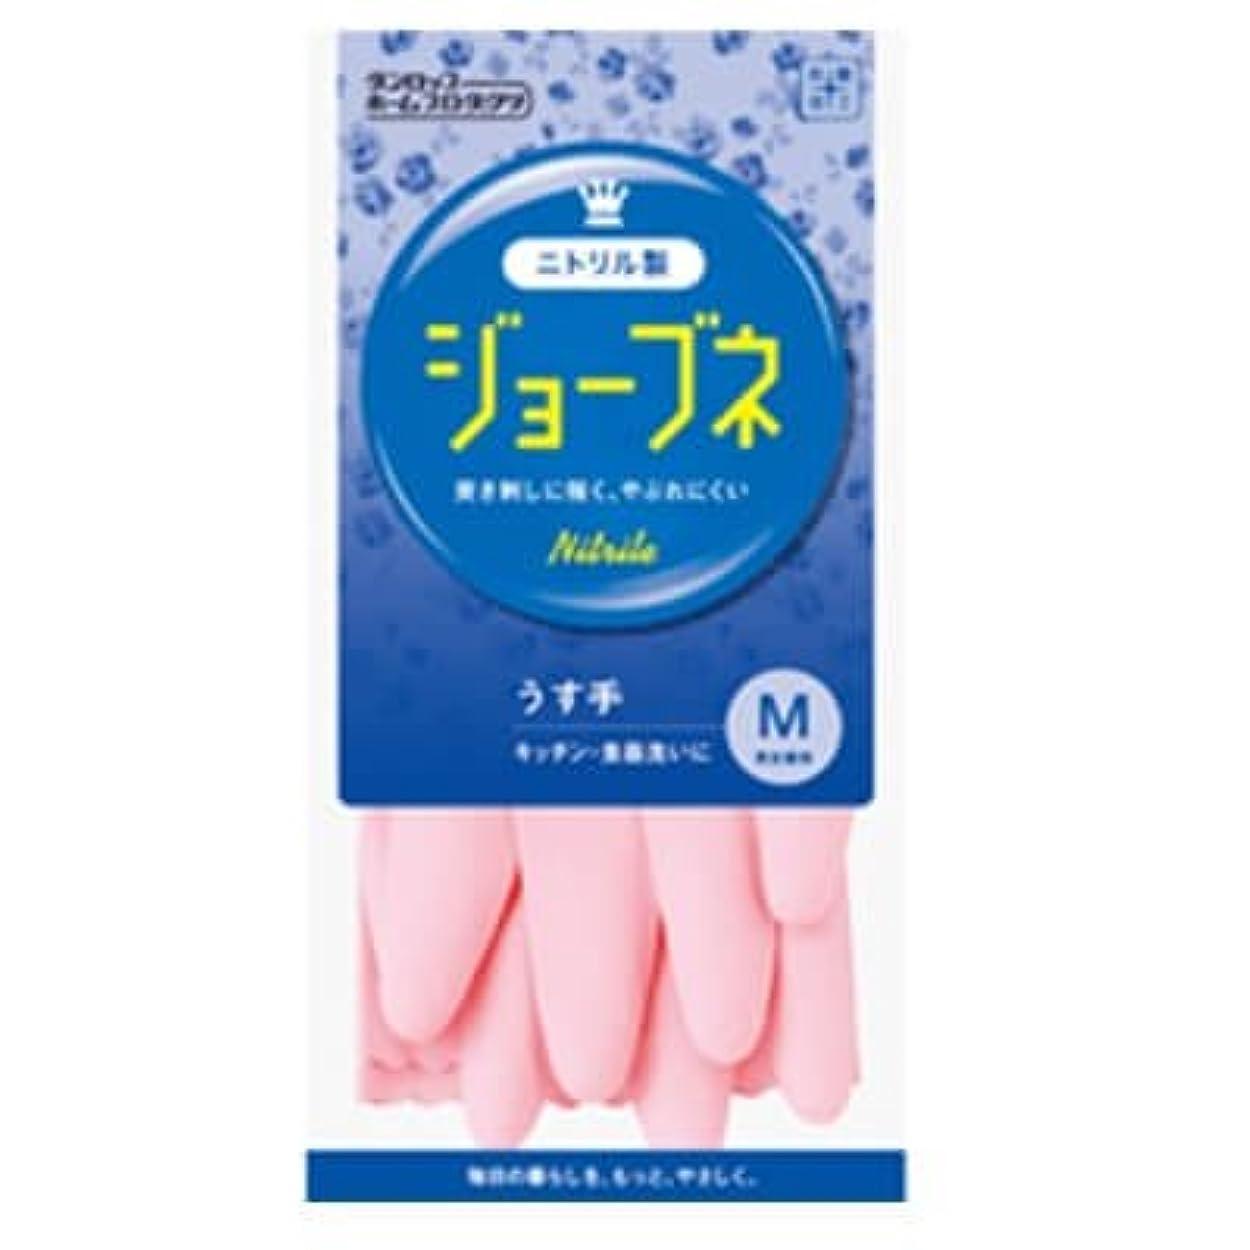 該当するセール夫婦【ケース販売】 ダンロップ ジョーブネ うす手 M ピンク (10双×24袋)